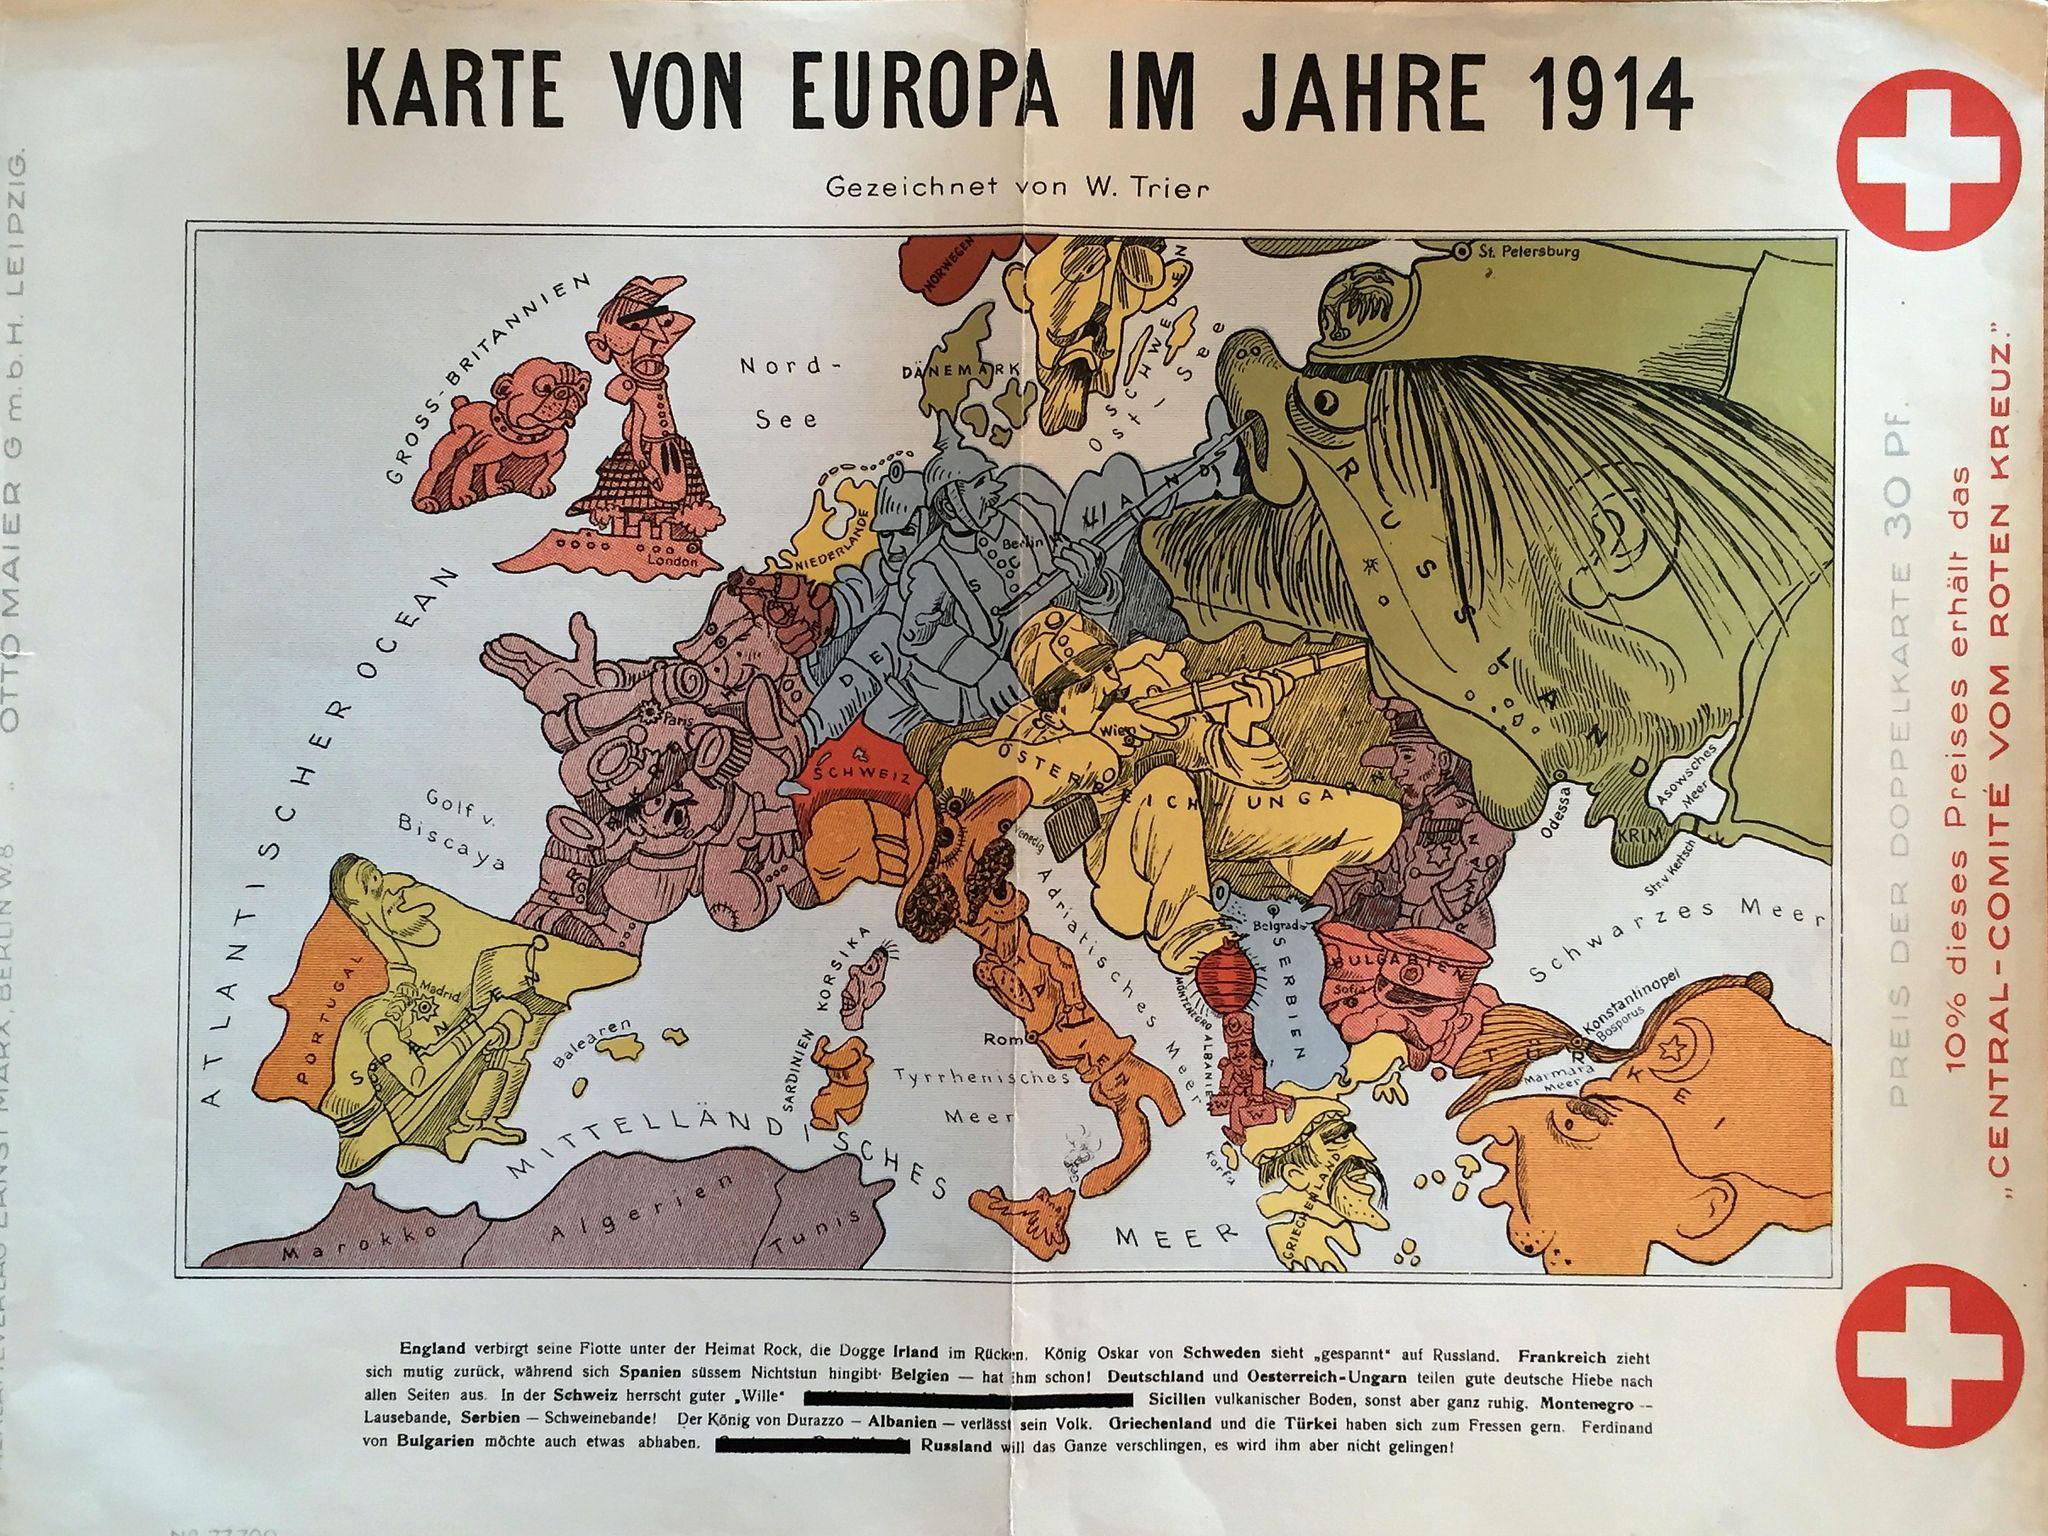 Trier Karte Von Europa Im Jahre 1914